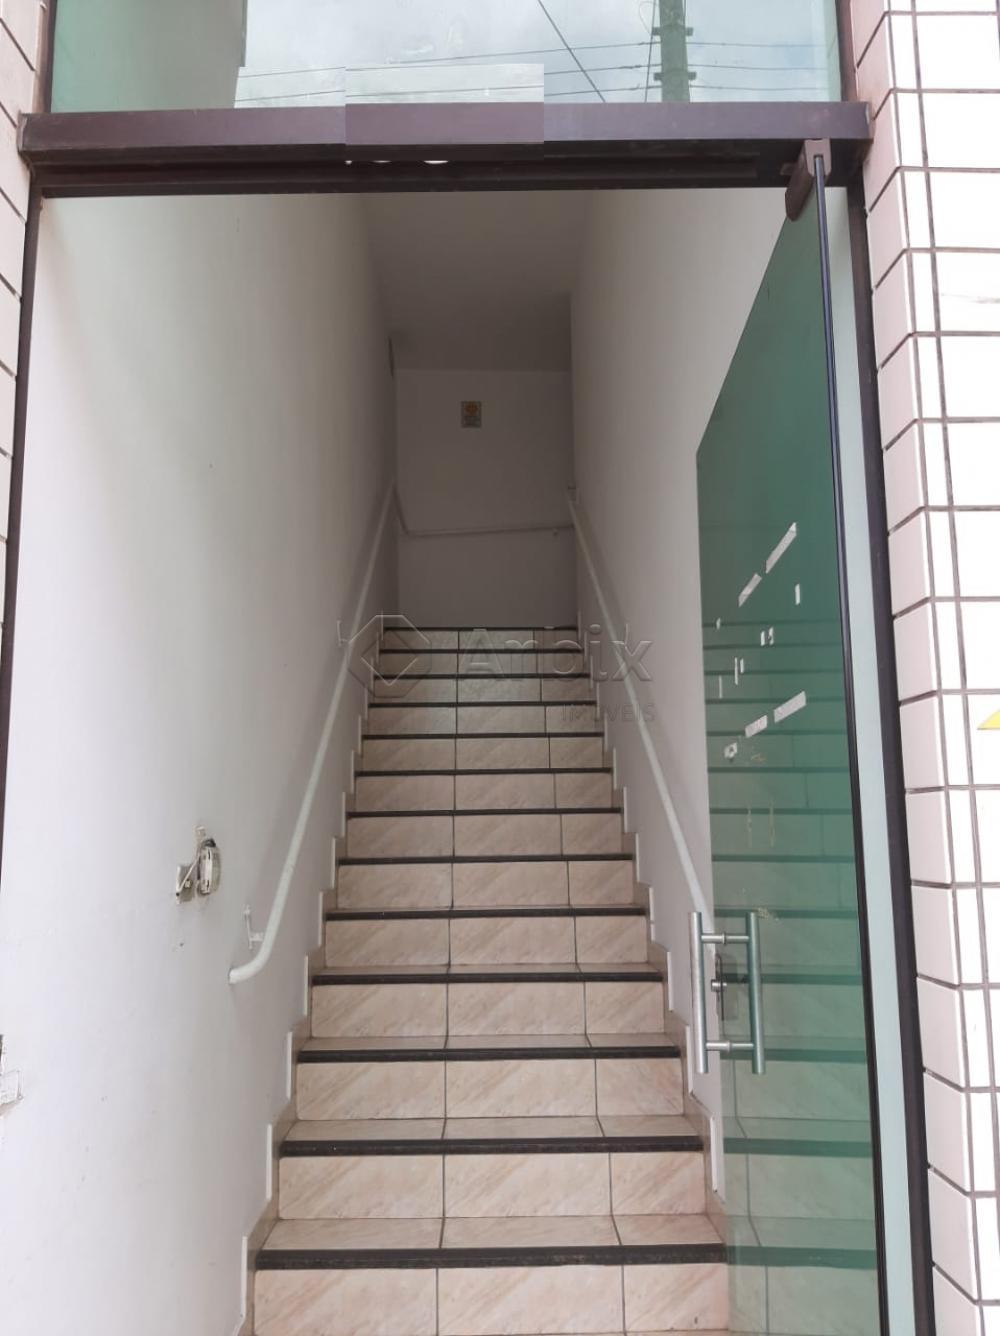 Alugar Comercial / Sala Comercial em Santa Bárbara D`Oeste apenas R$ 700,00 - Foto 2